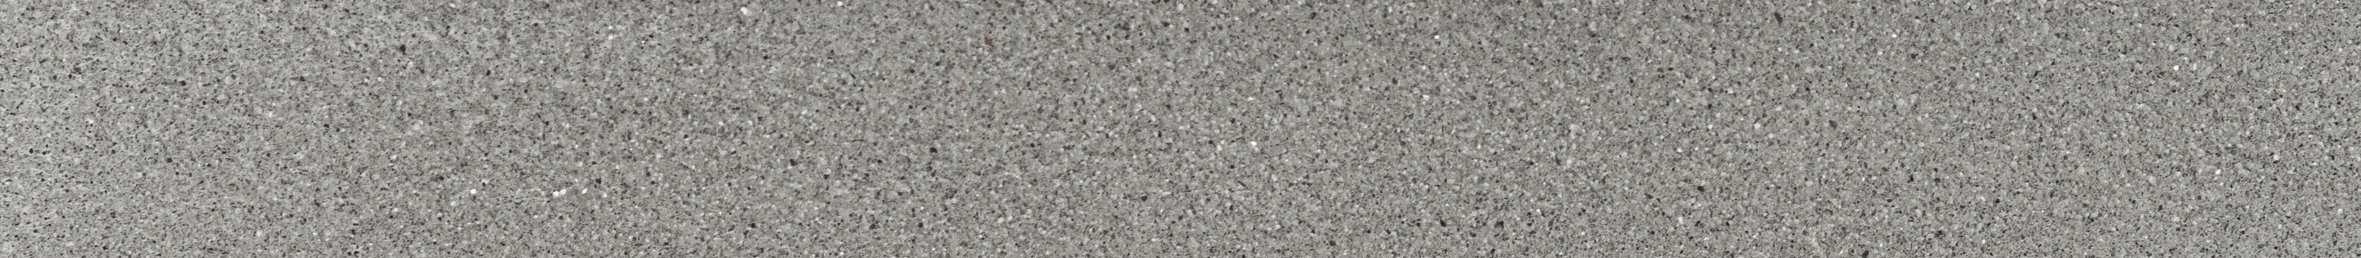 Fugenschlämmmörtel - Fugenfarbe 2048